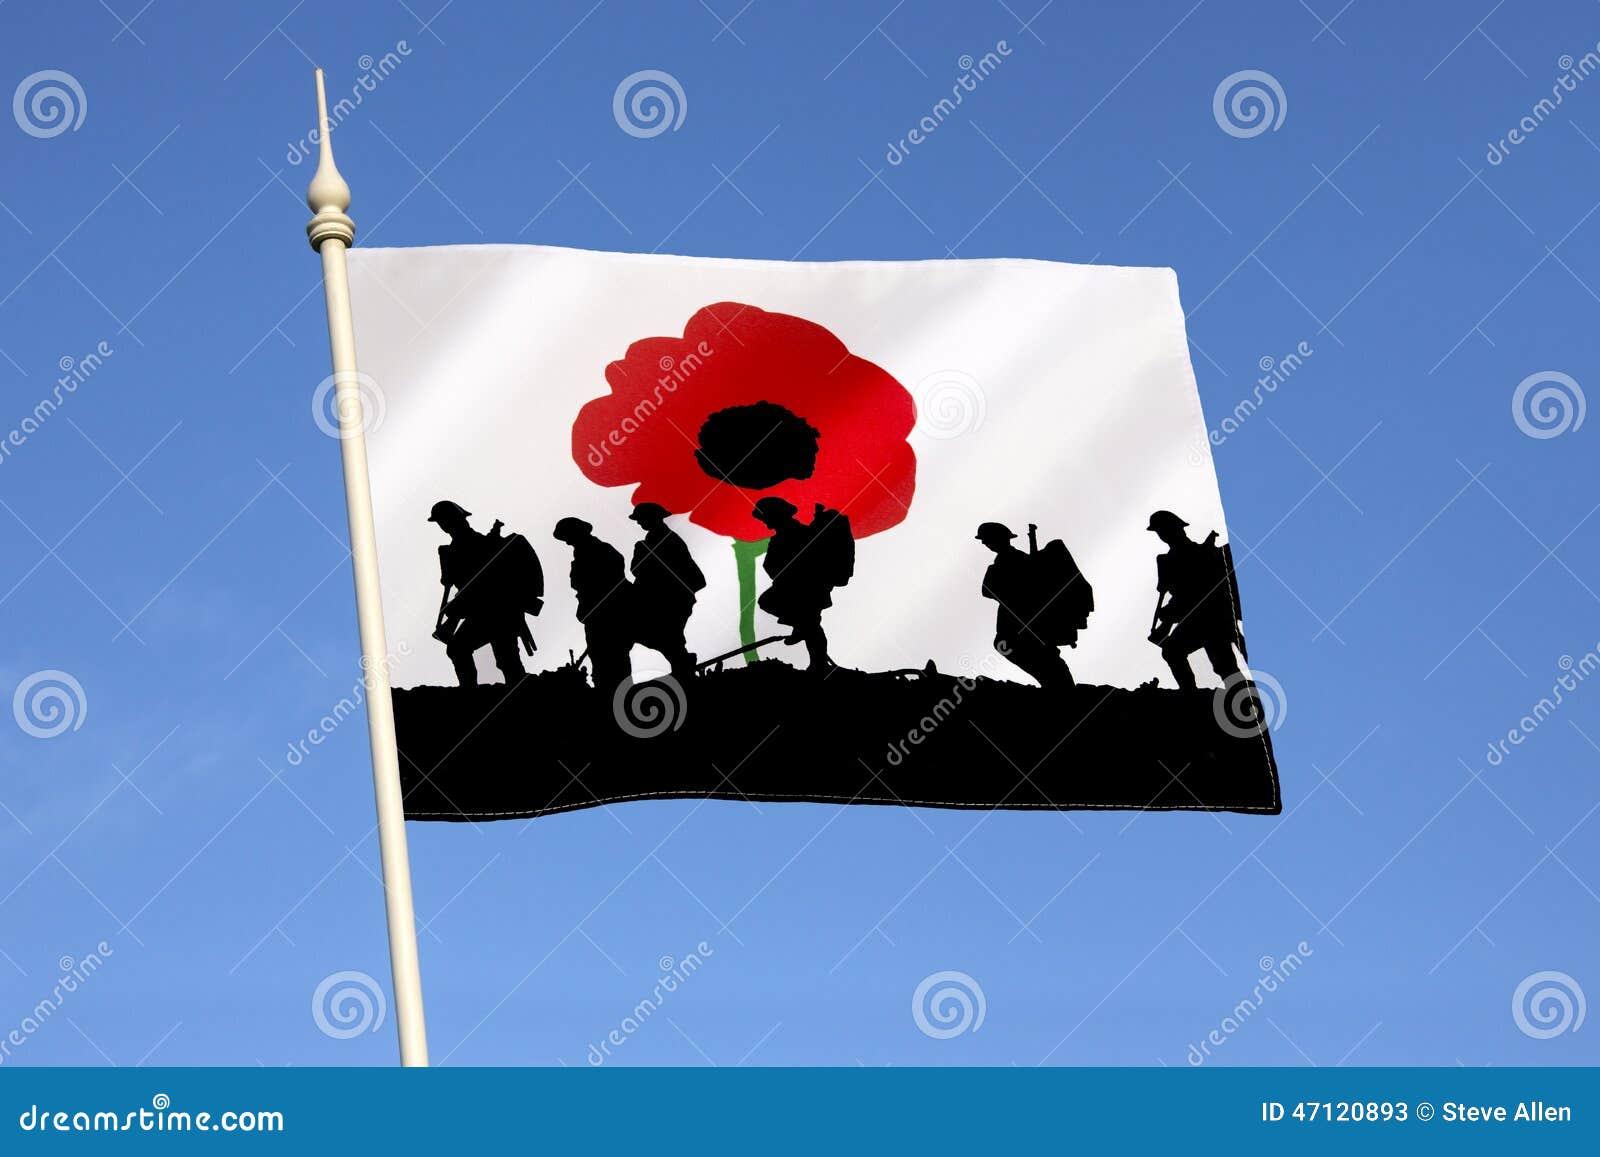 Minns de stupade hjältarna - Poppy Day